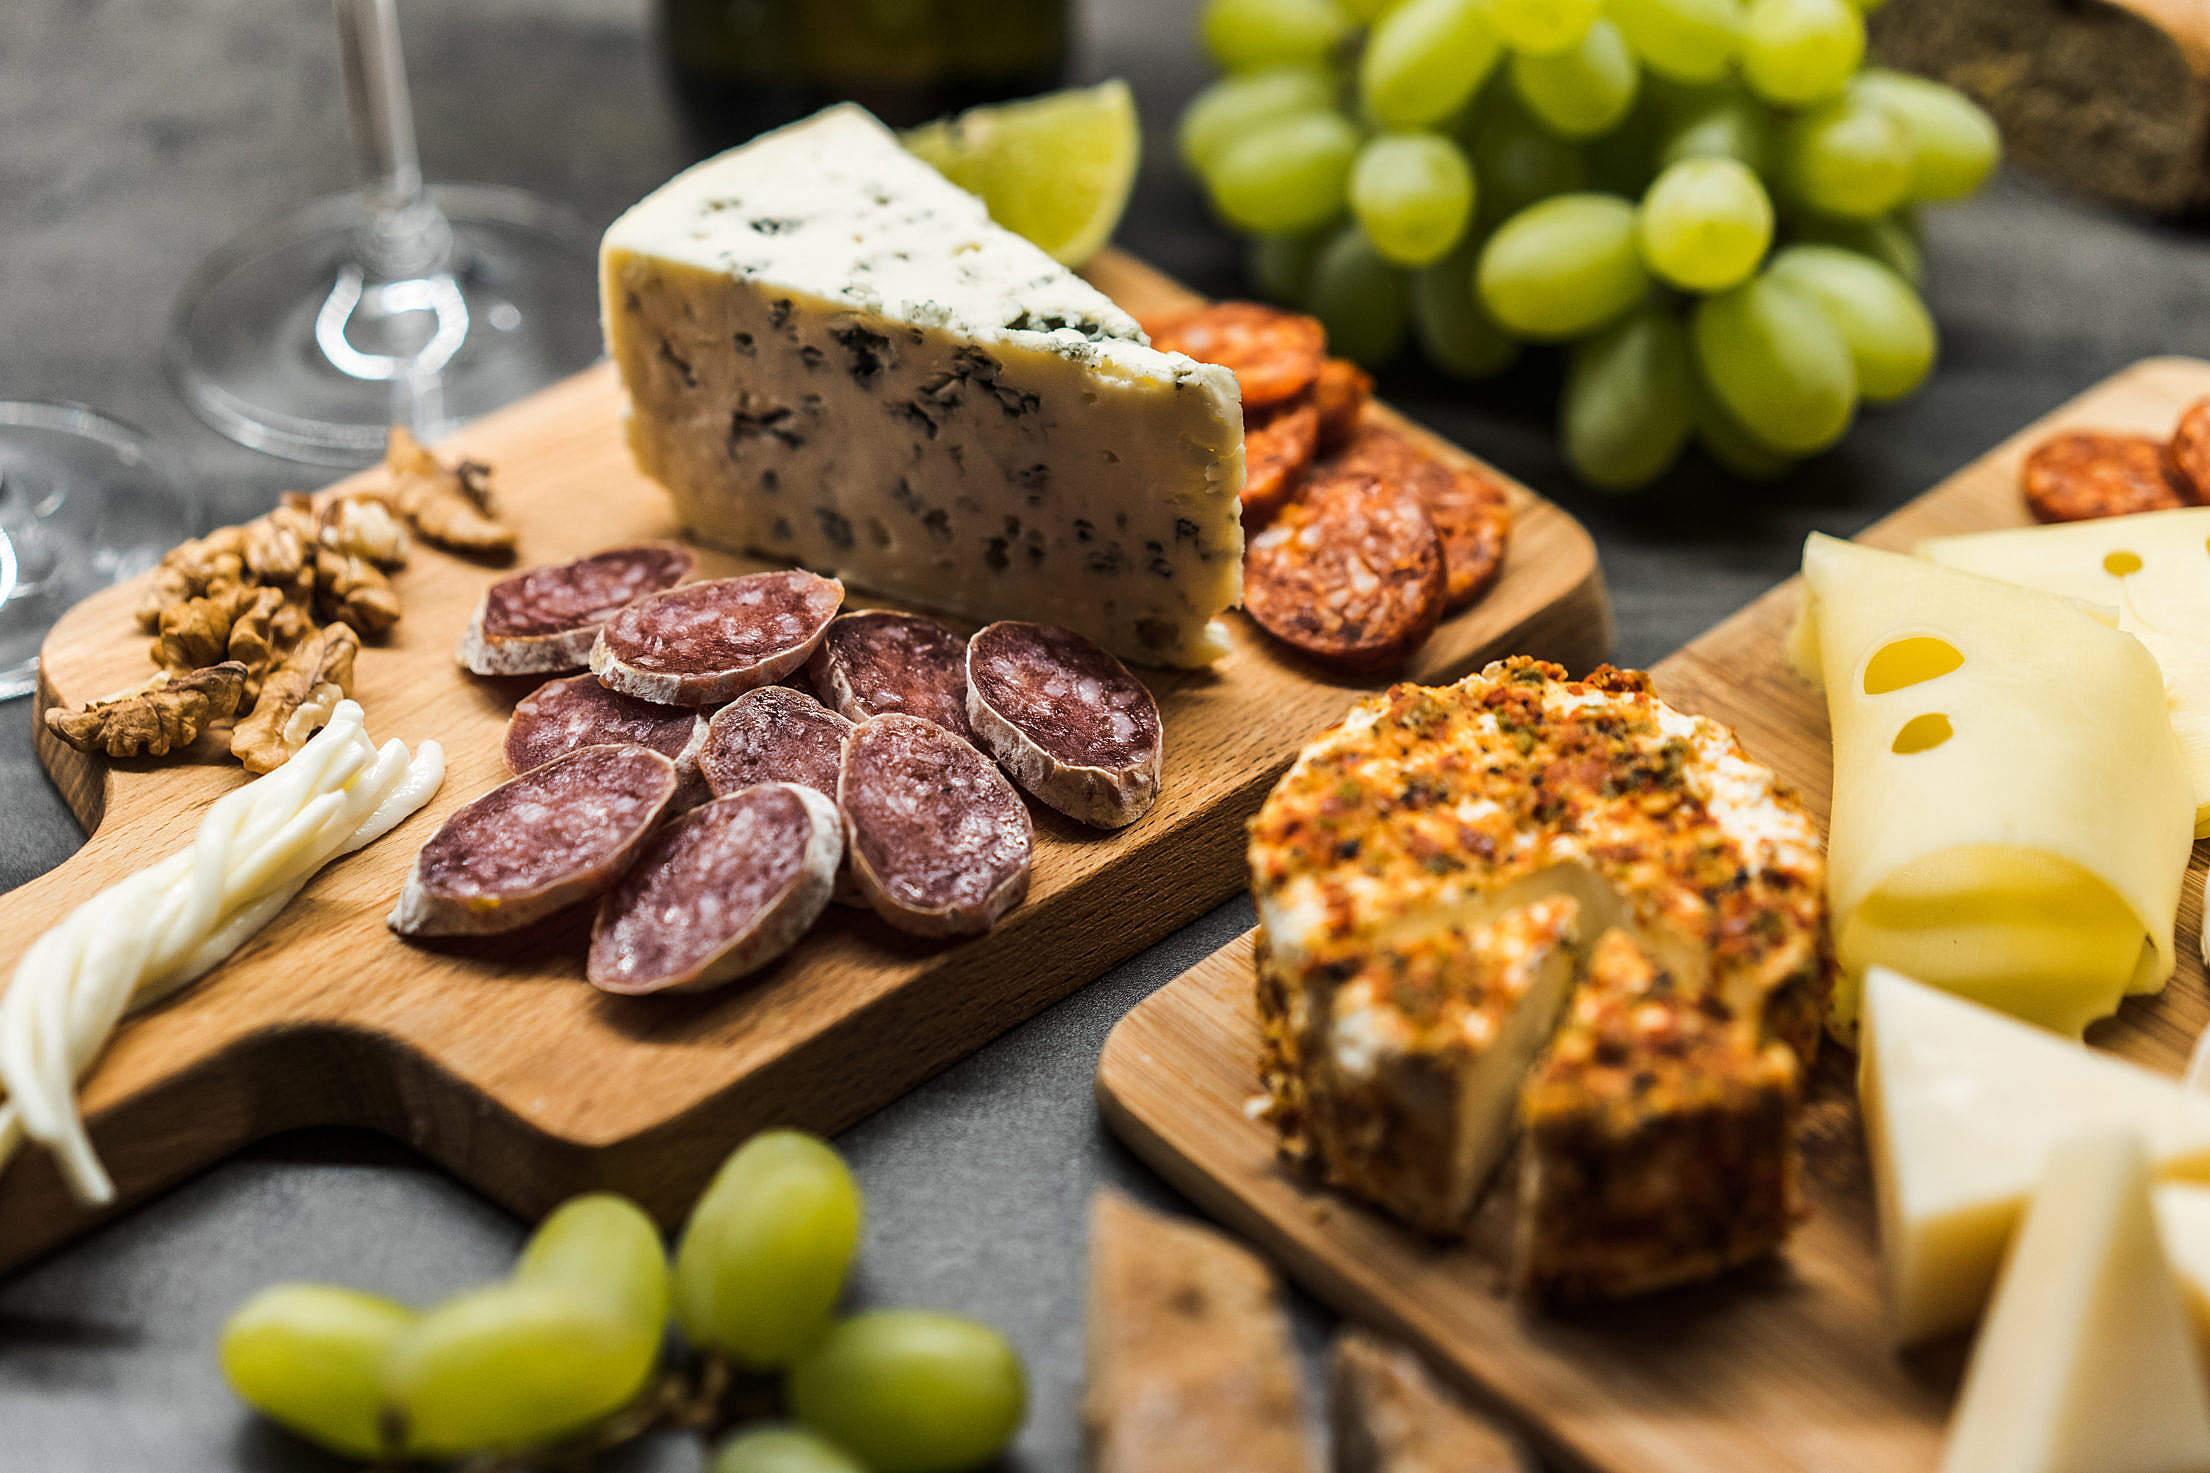 Danish Blue Cheese Gourmet Plate Free Stock Photo